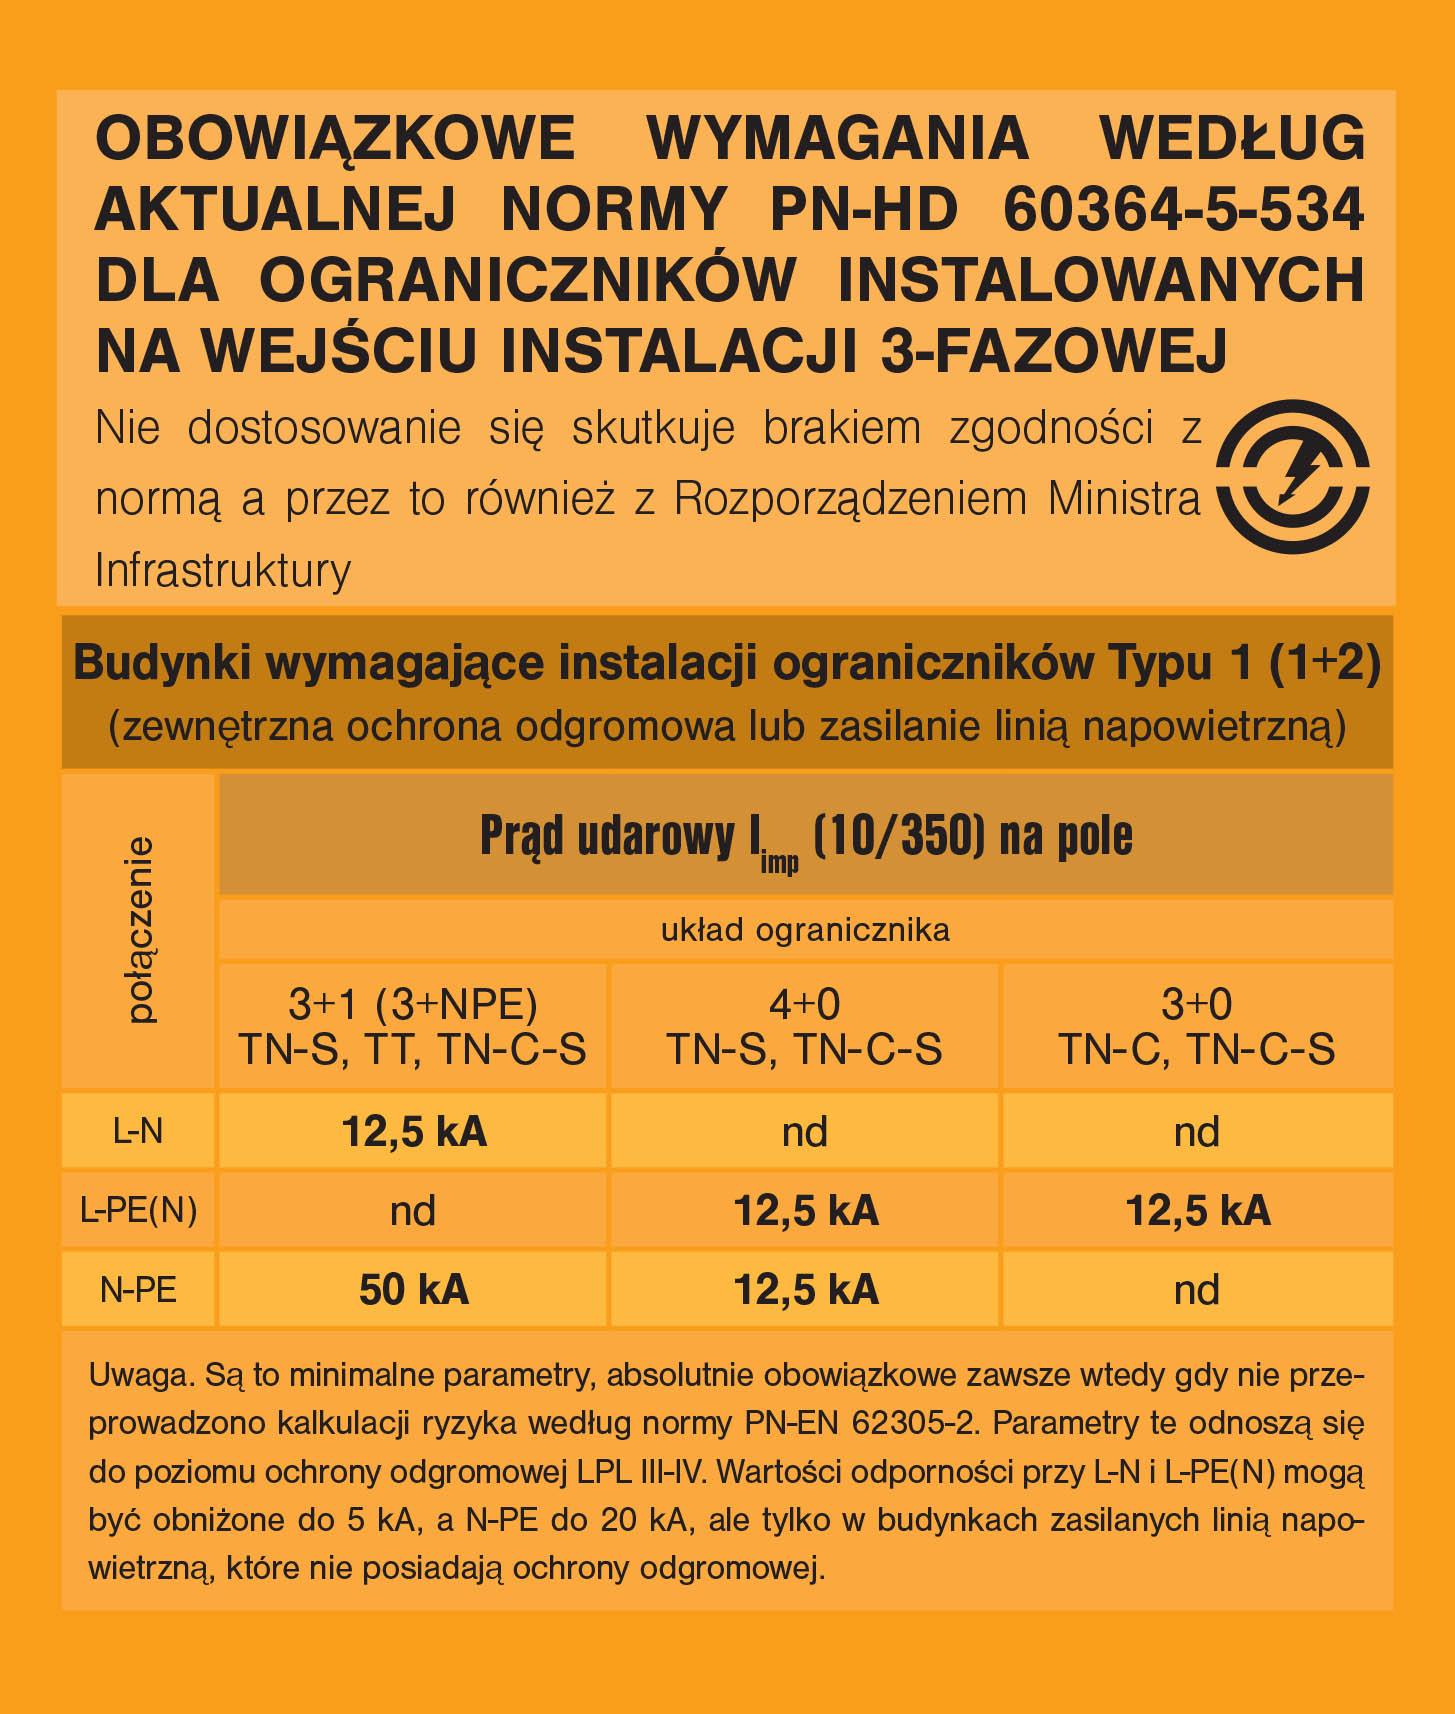 PN HD 60364-5-534 ograniczniki przepięć